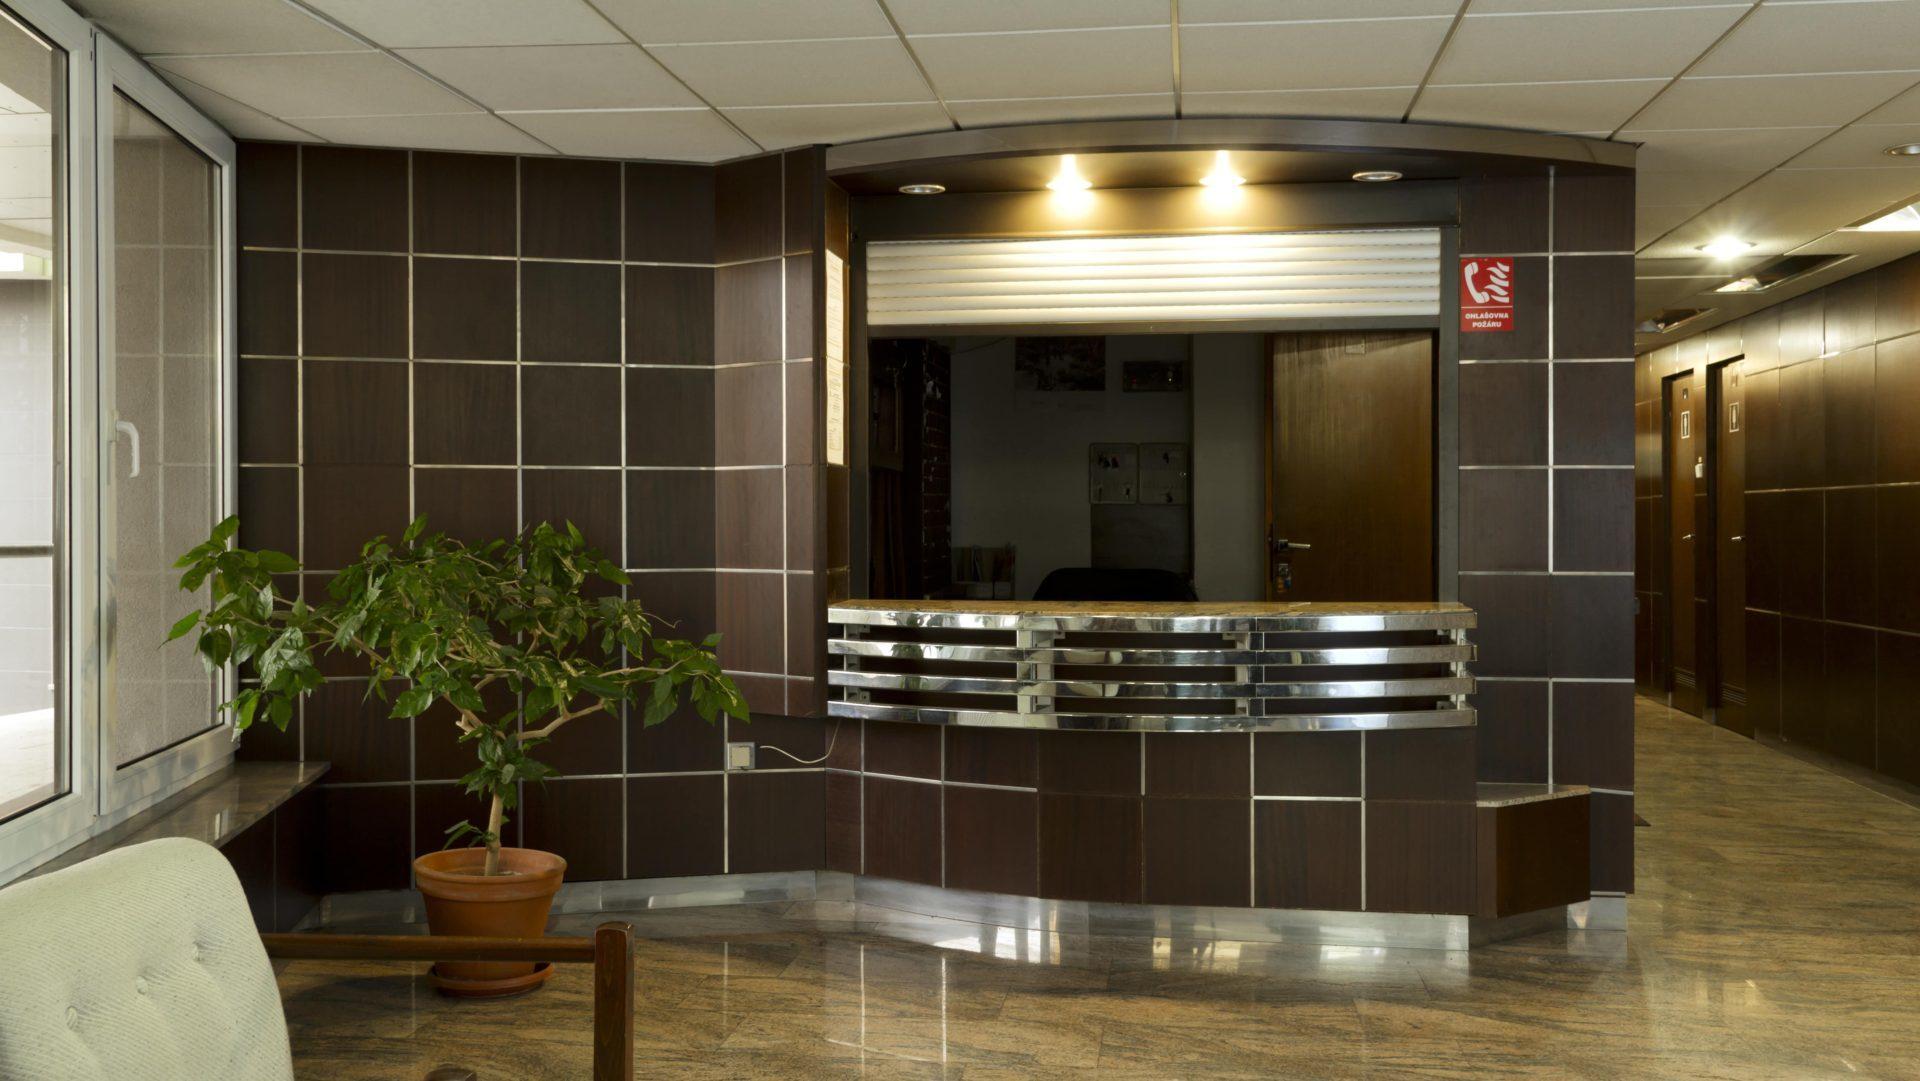 Pronájem kanceláří, sídlo společnost – Dassel Praha